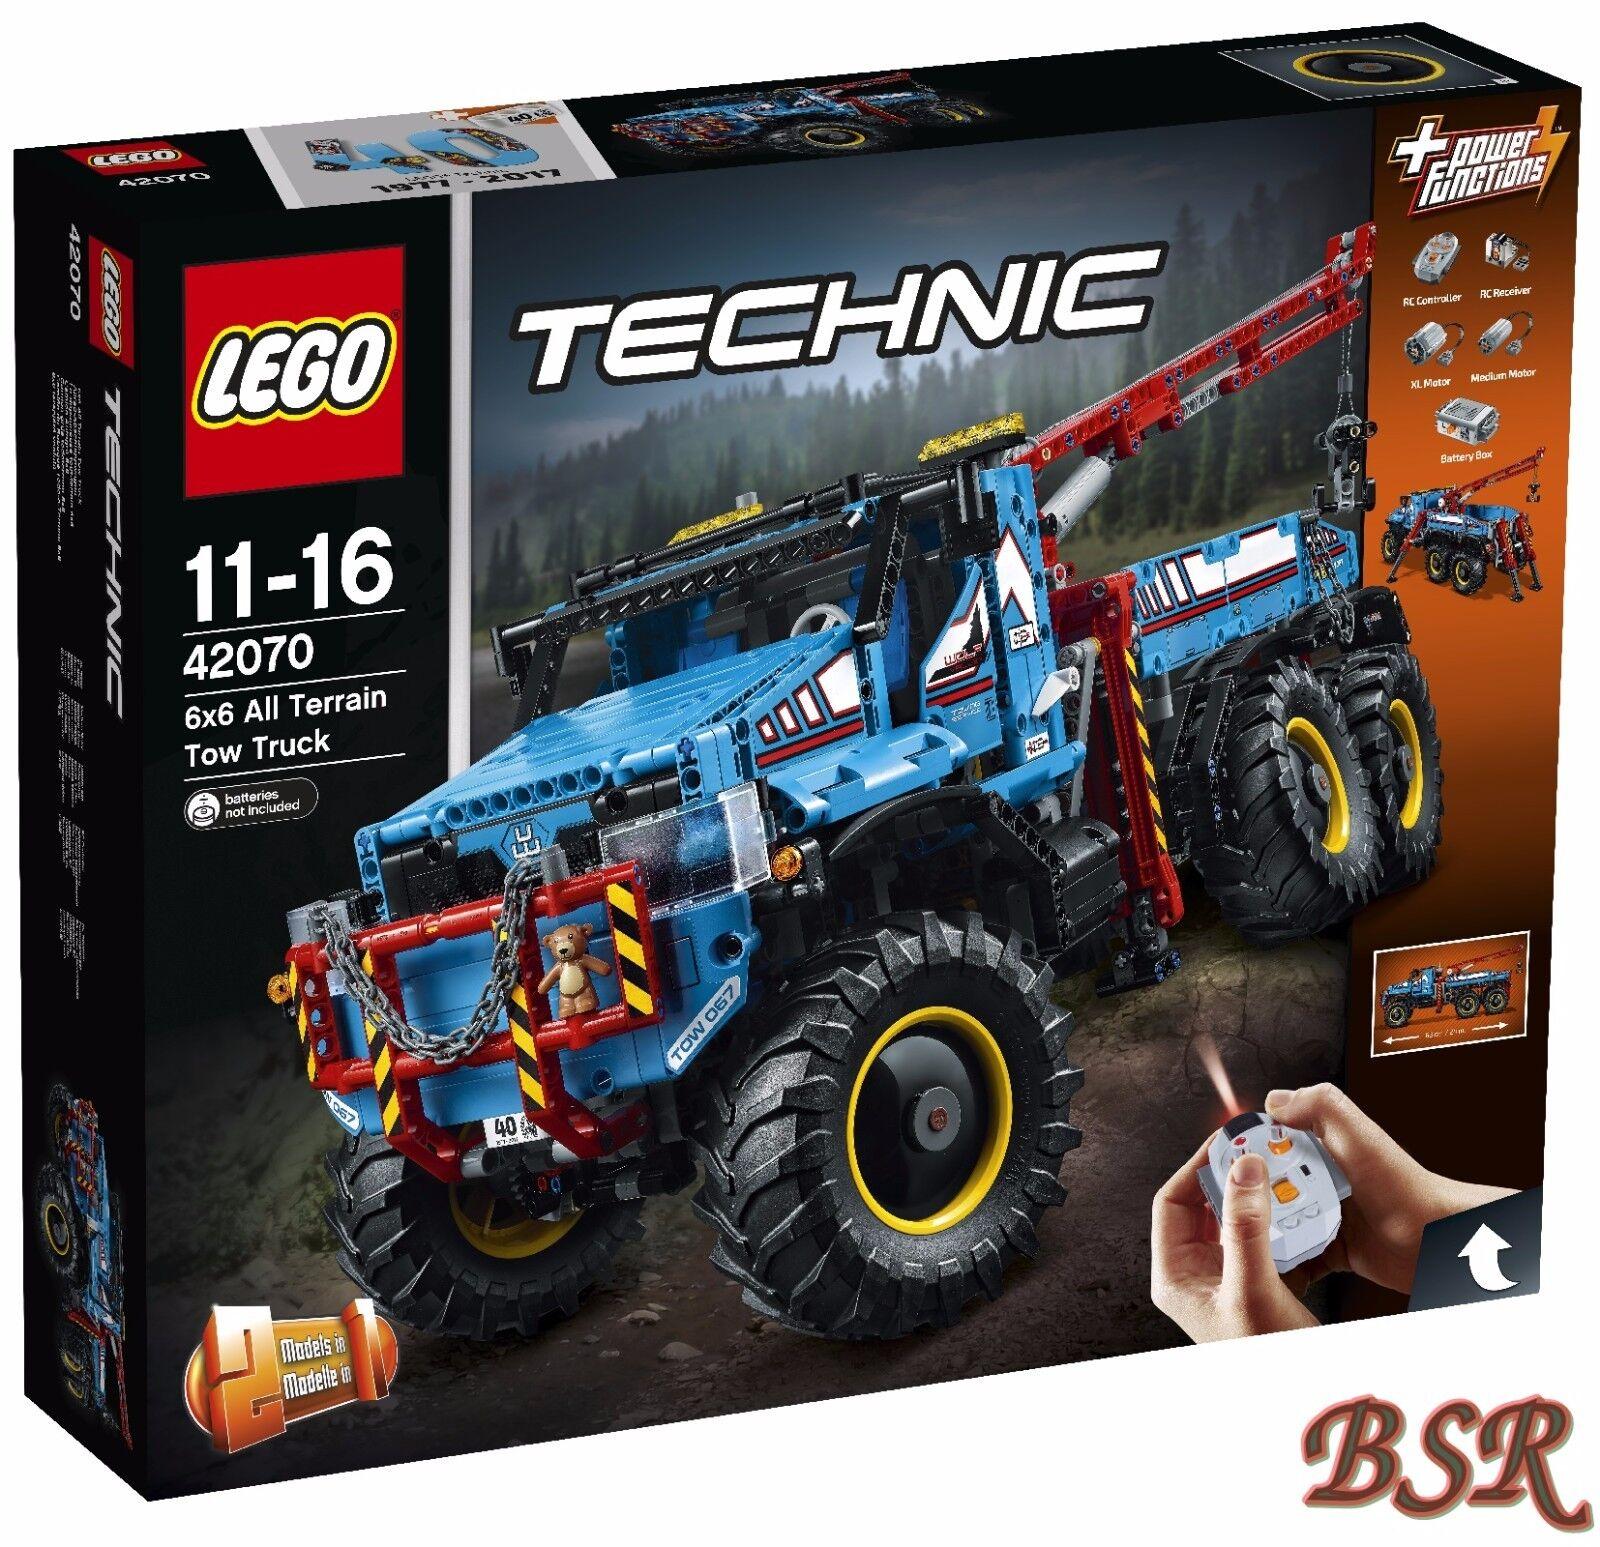 LEGO ® Technologie  42070 Roues-Dépanneuse & & & 0. - expédition & NOUVEAU & NEUF dans sa boîte 719817